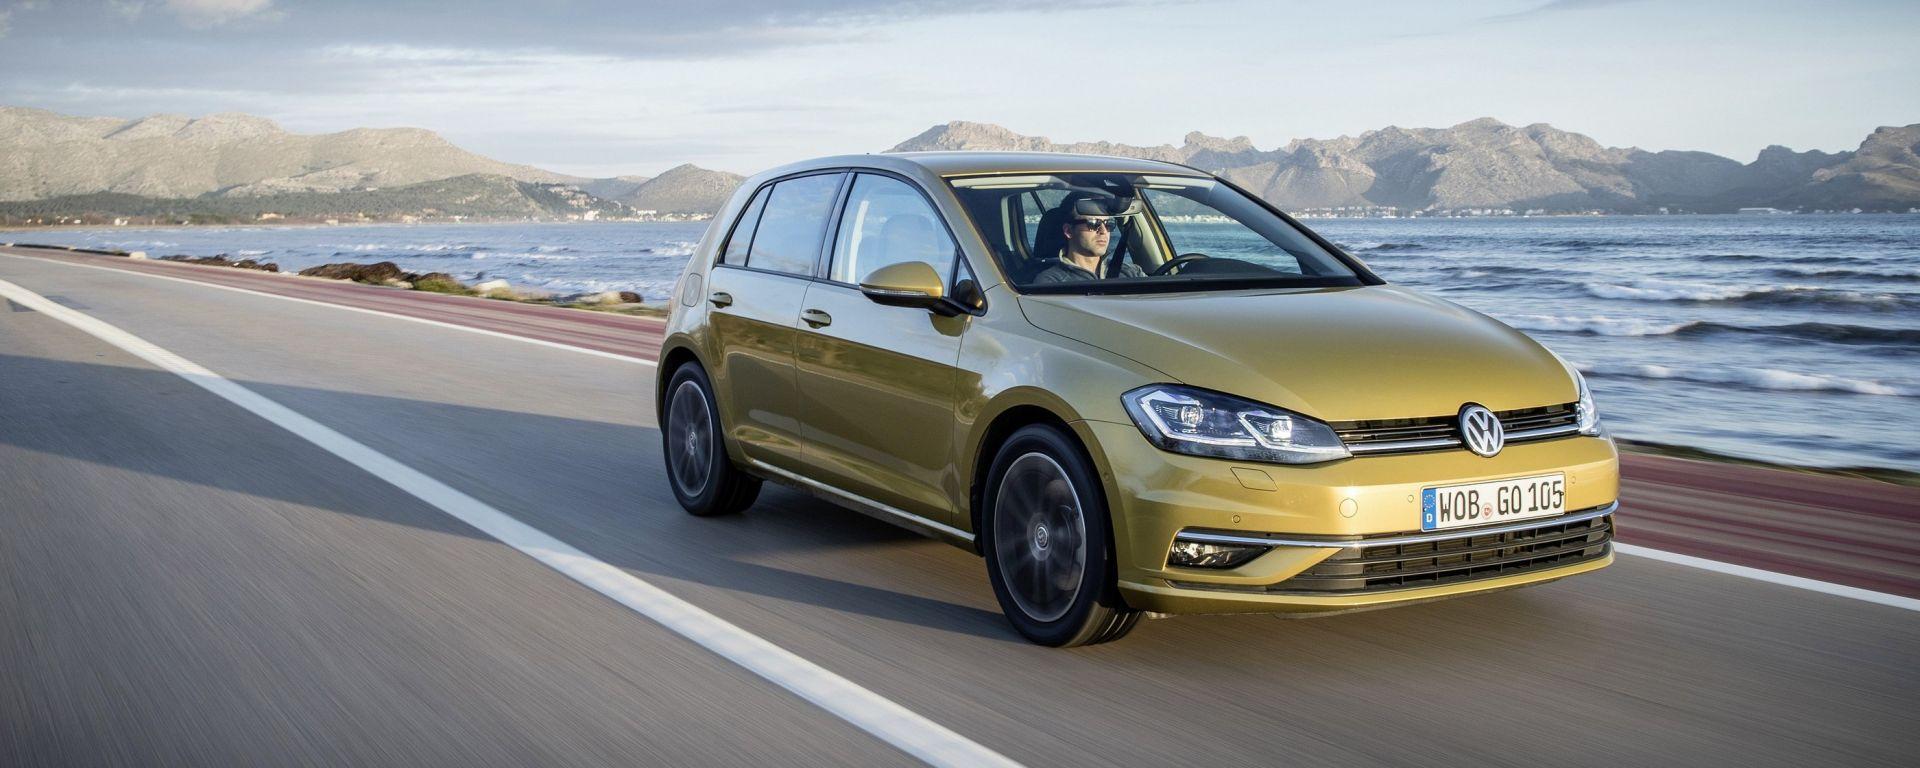 Volkswagen Golf: a listino la micro-ibrida 1.5 TSI ACT da 130 cv